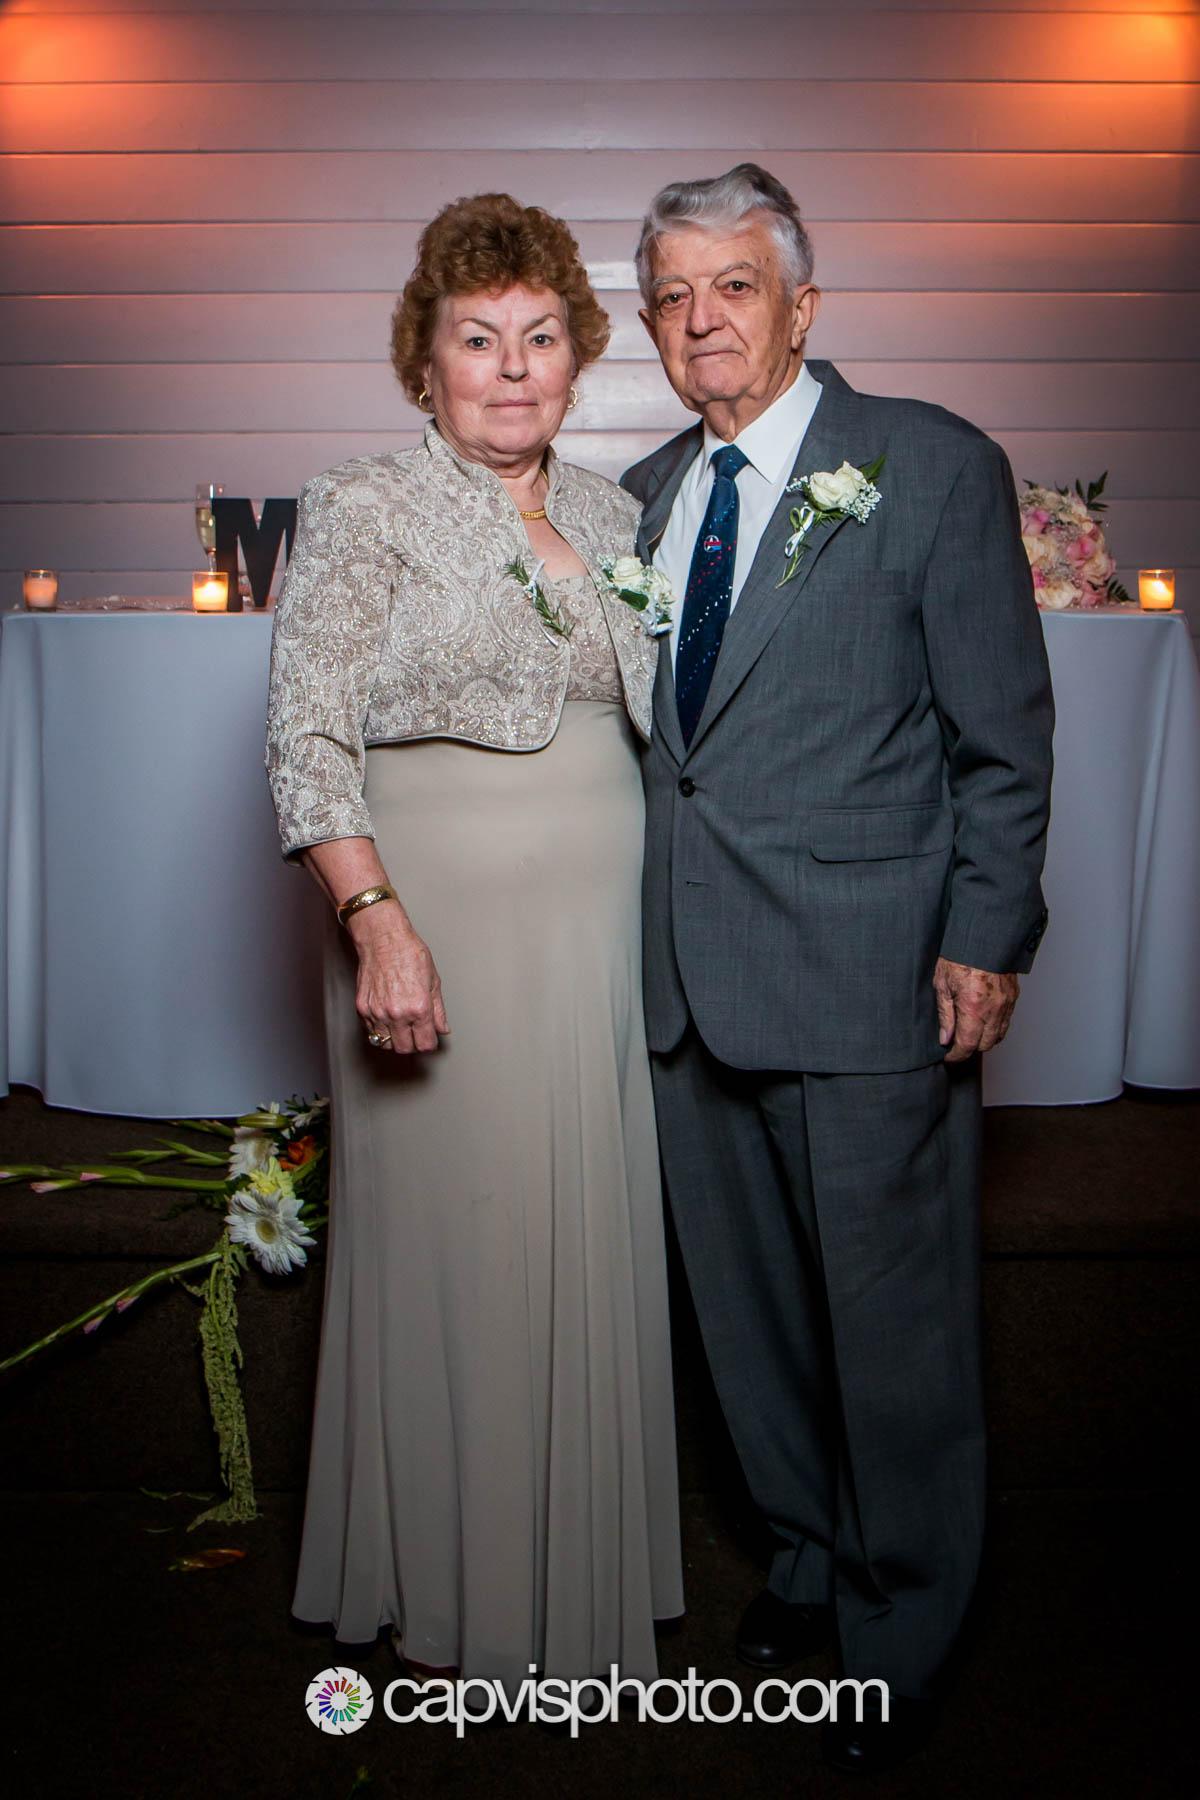 Grangruth Wedding (52 of 52).jpg